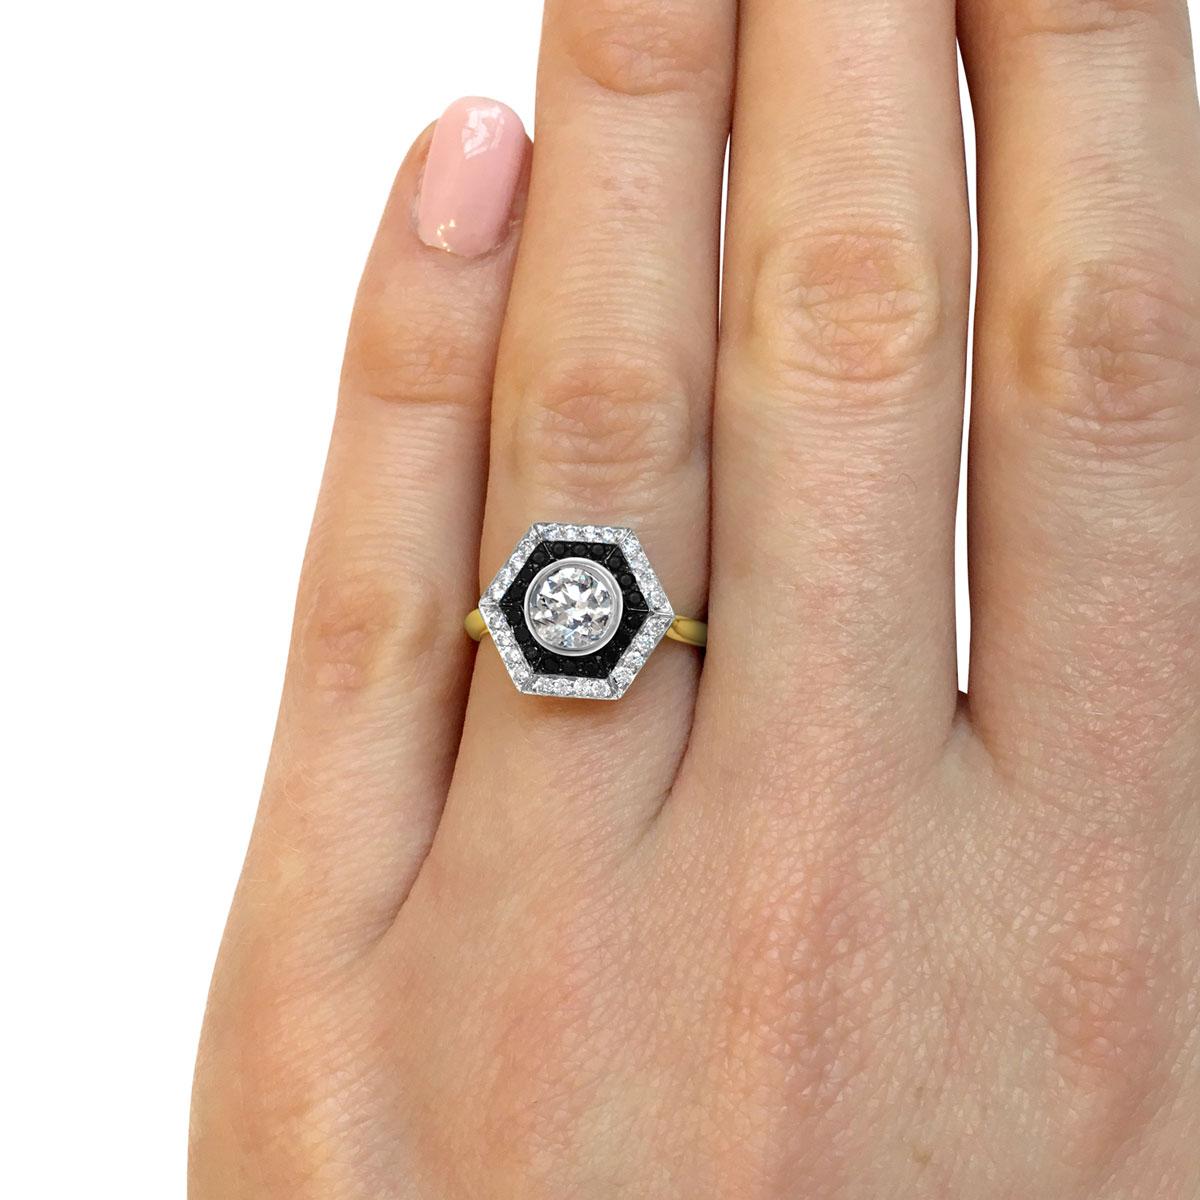 Bespoke Hexagonal Black & White Diamond Ring Top Hand Modelled